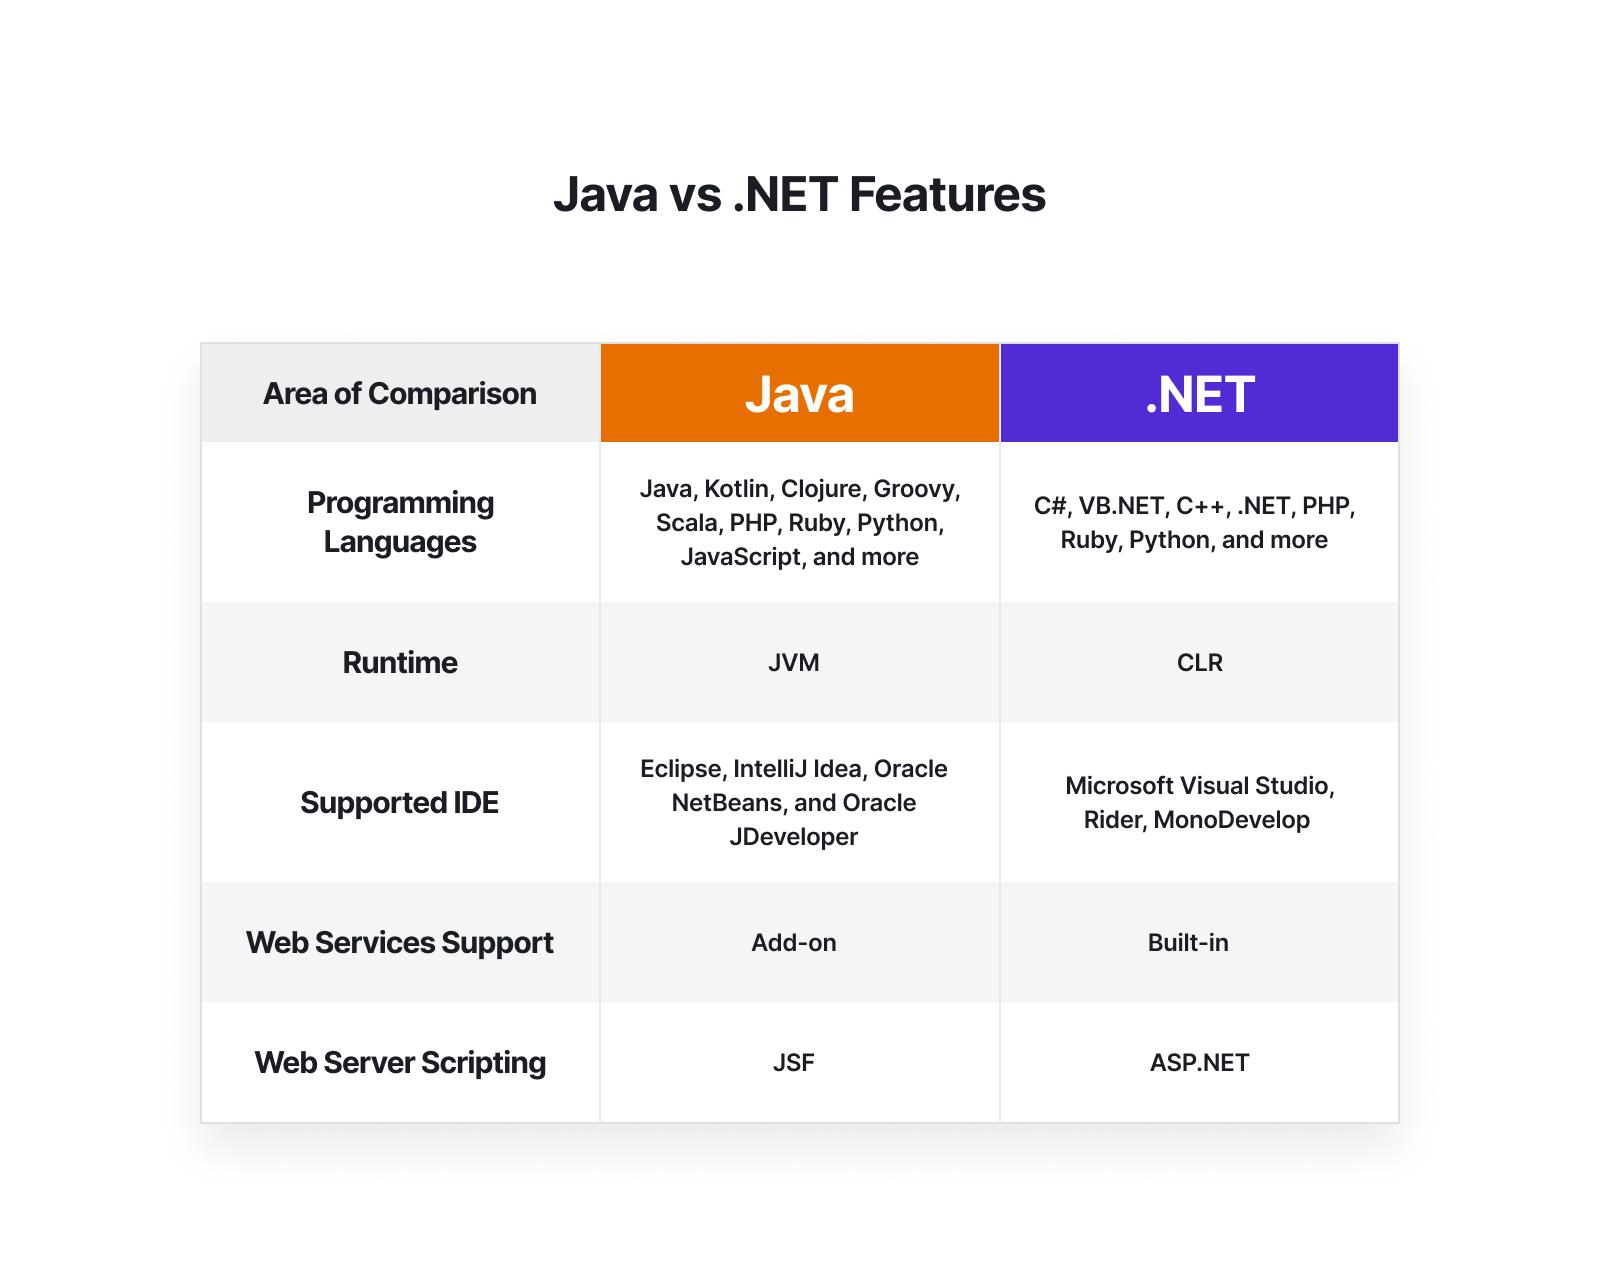 .NET vs JAVA: Features